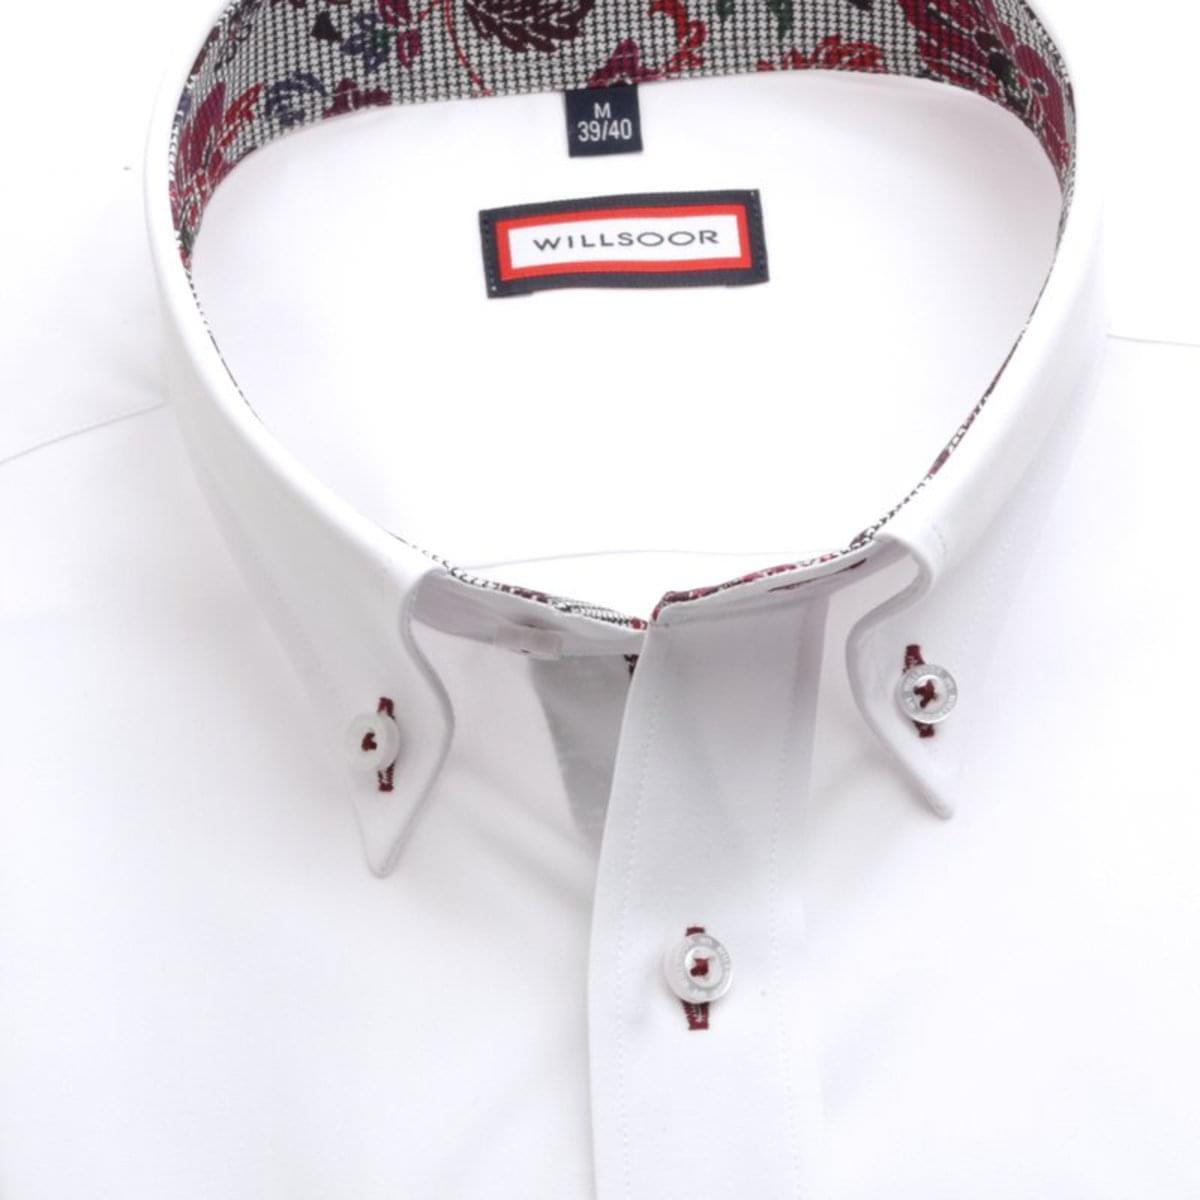 Pánská slim fit košile (výška 164-170) 7628 v bílé barvě 164-170 / M (39/40)